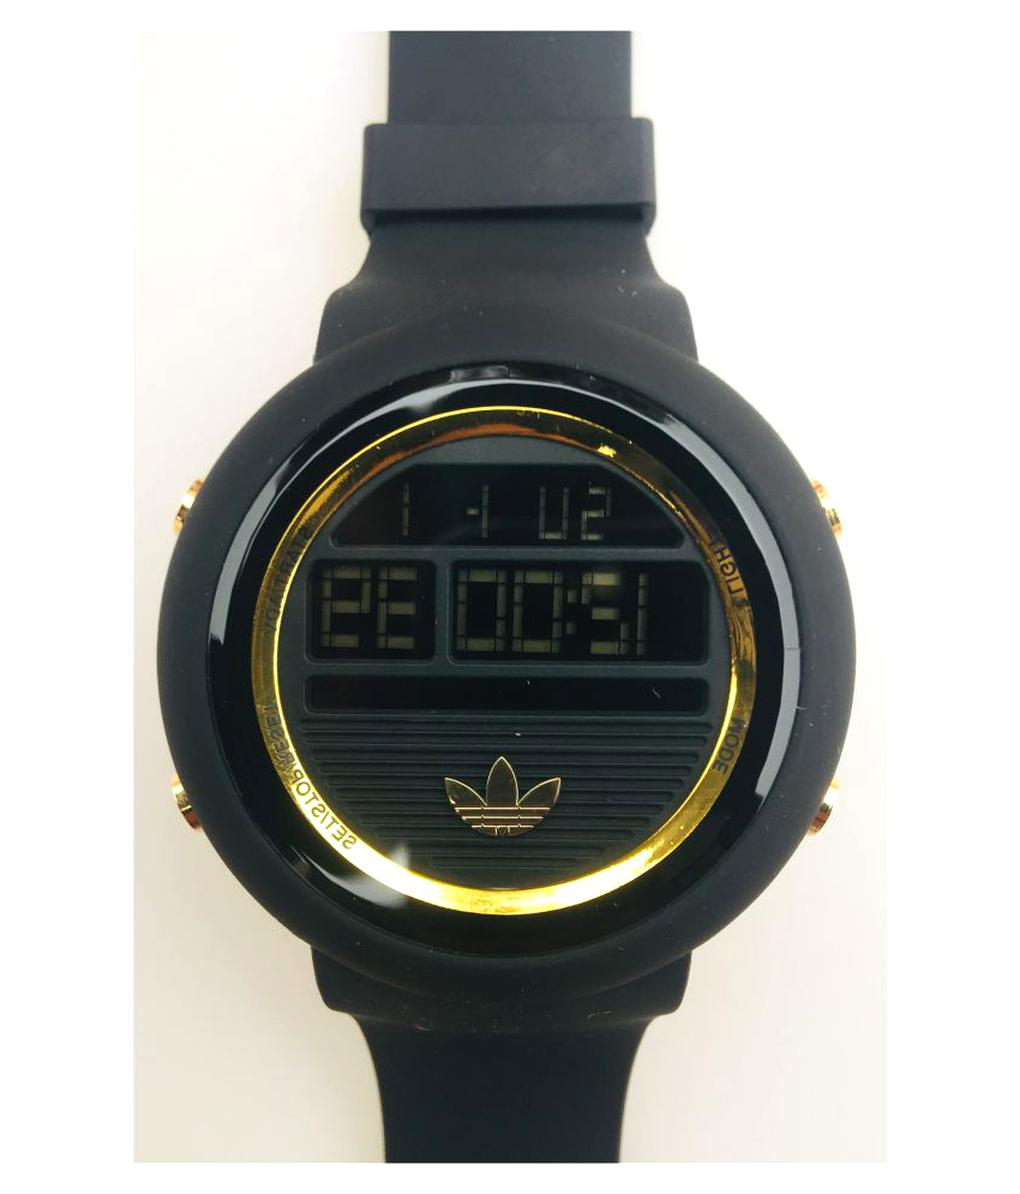 adidas watch gebraucht kaufen